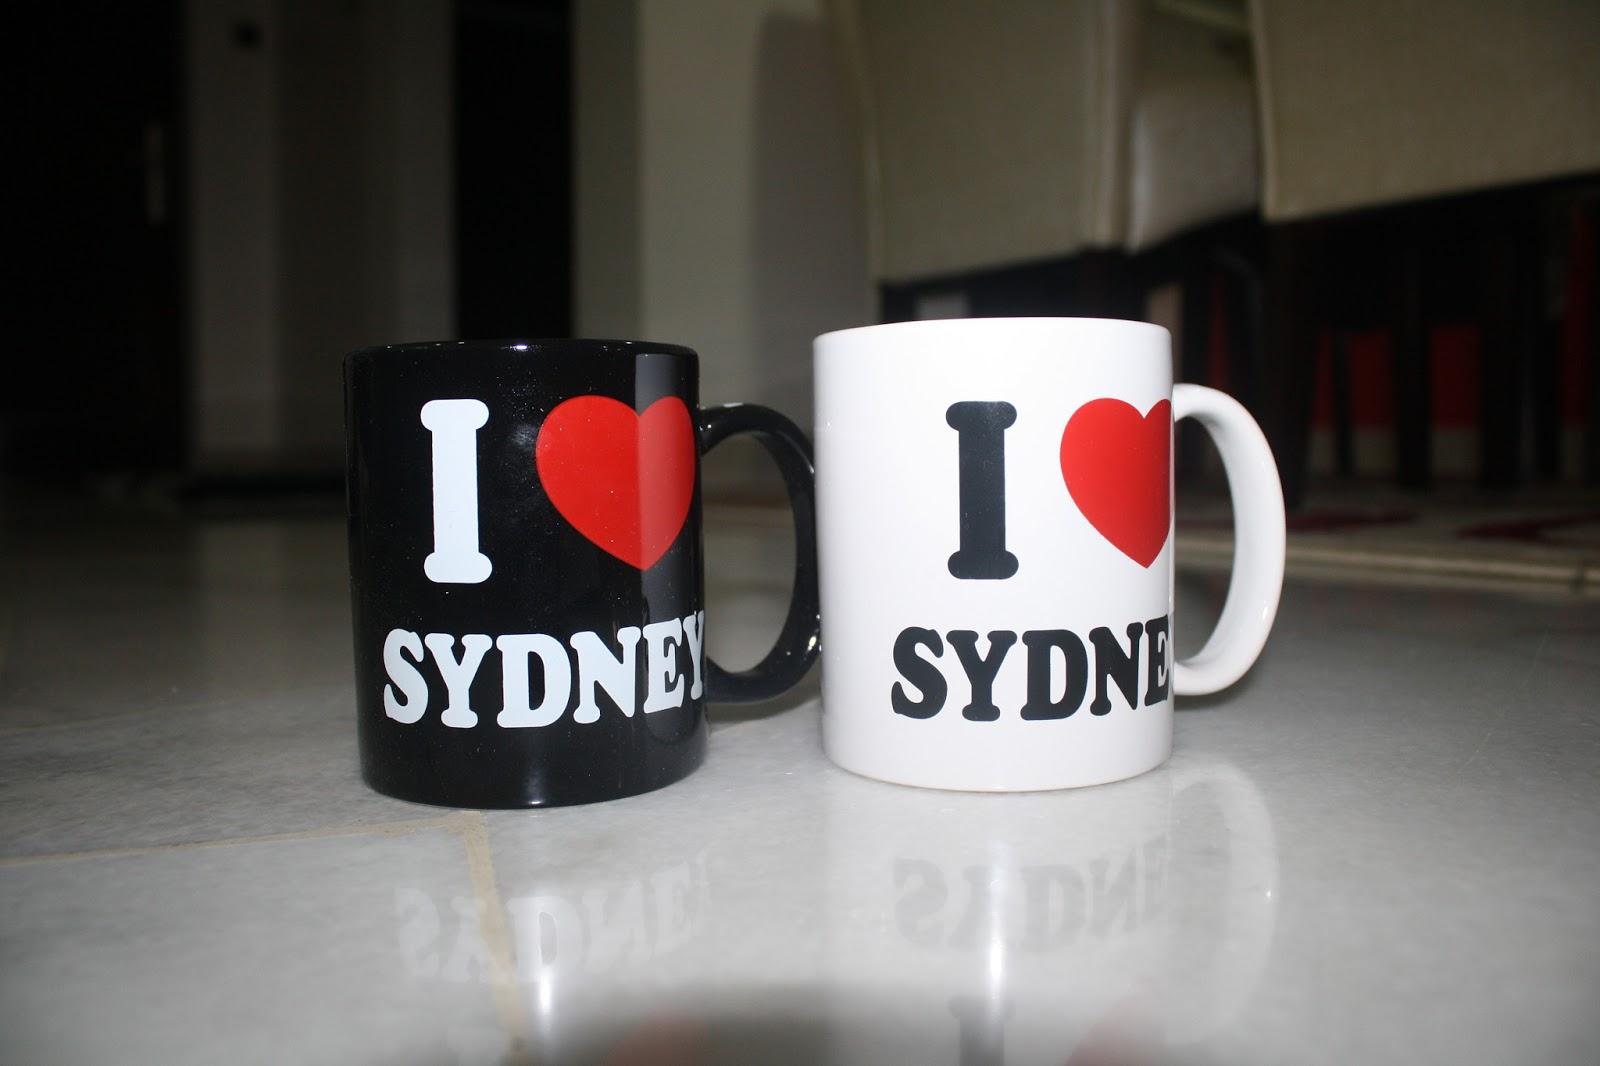 Pengalaman Bercuti Ke Sydney Australia Day 2 Nama Saya Nadia Tcash Vaganza 34 Totebag Beach 7 Ketul Tote Bag